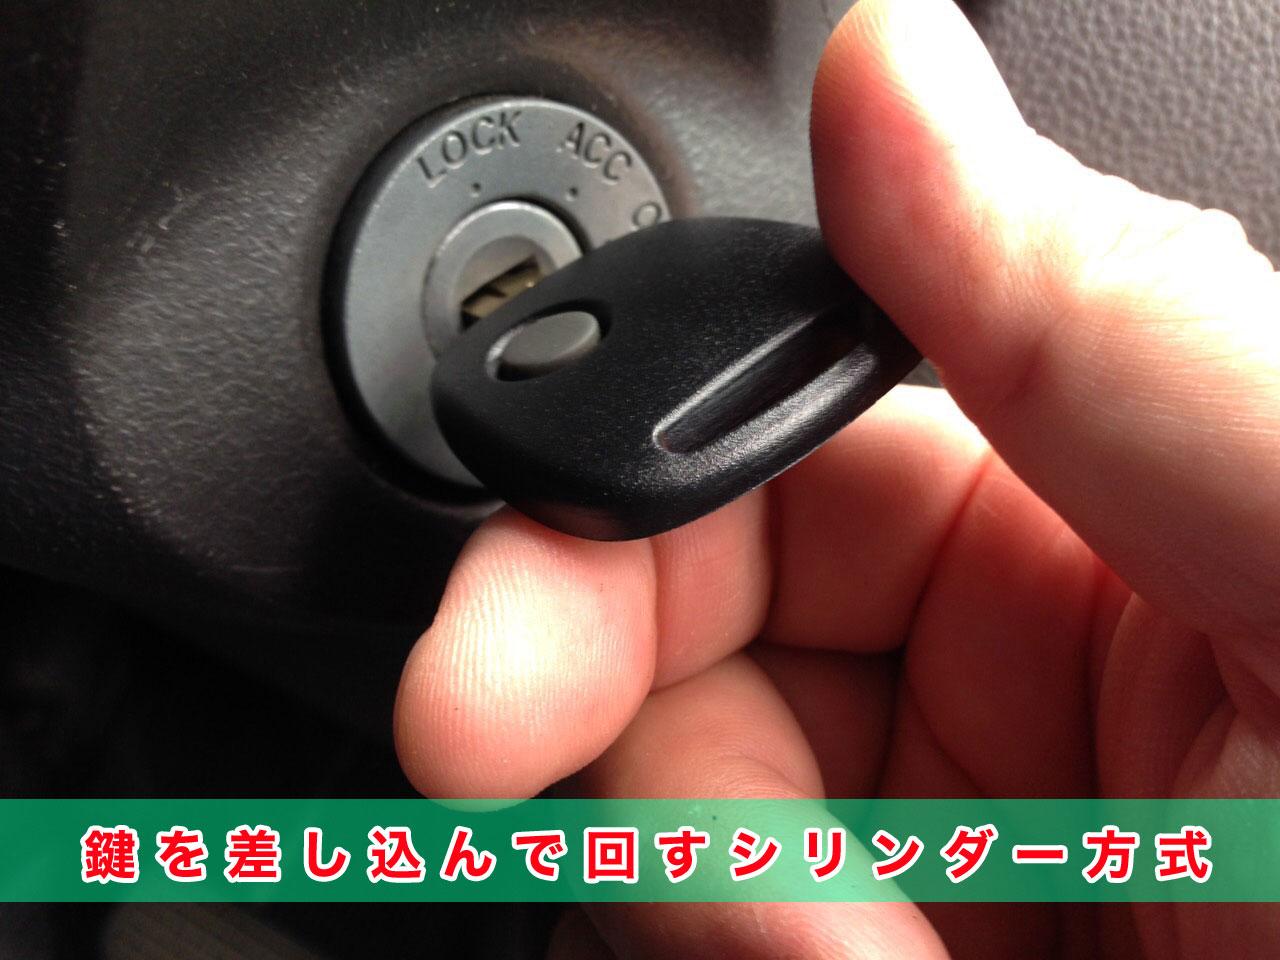 スズキ車エンジン始動方法:シリンダー方式